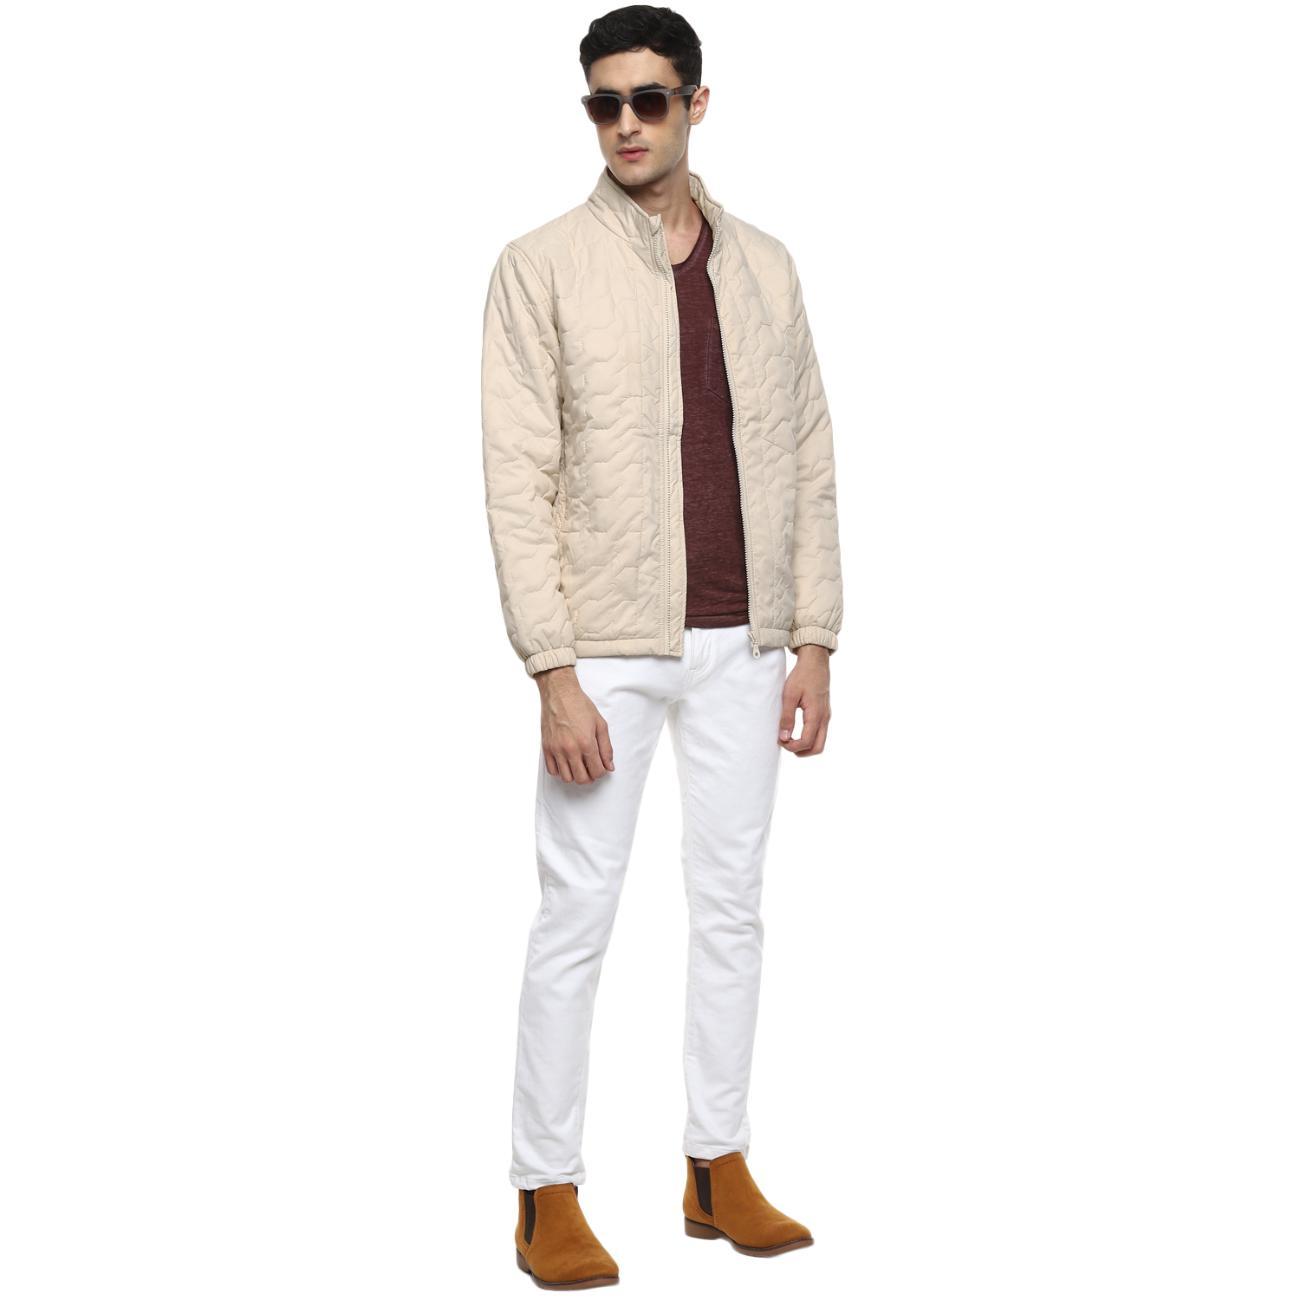 Men's Cream Jacket Online